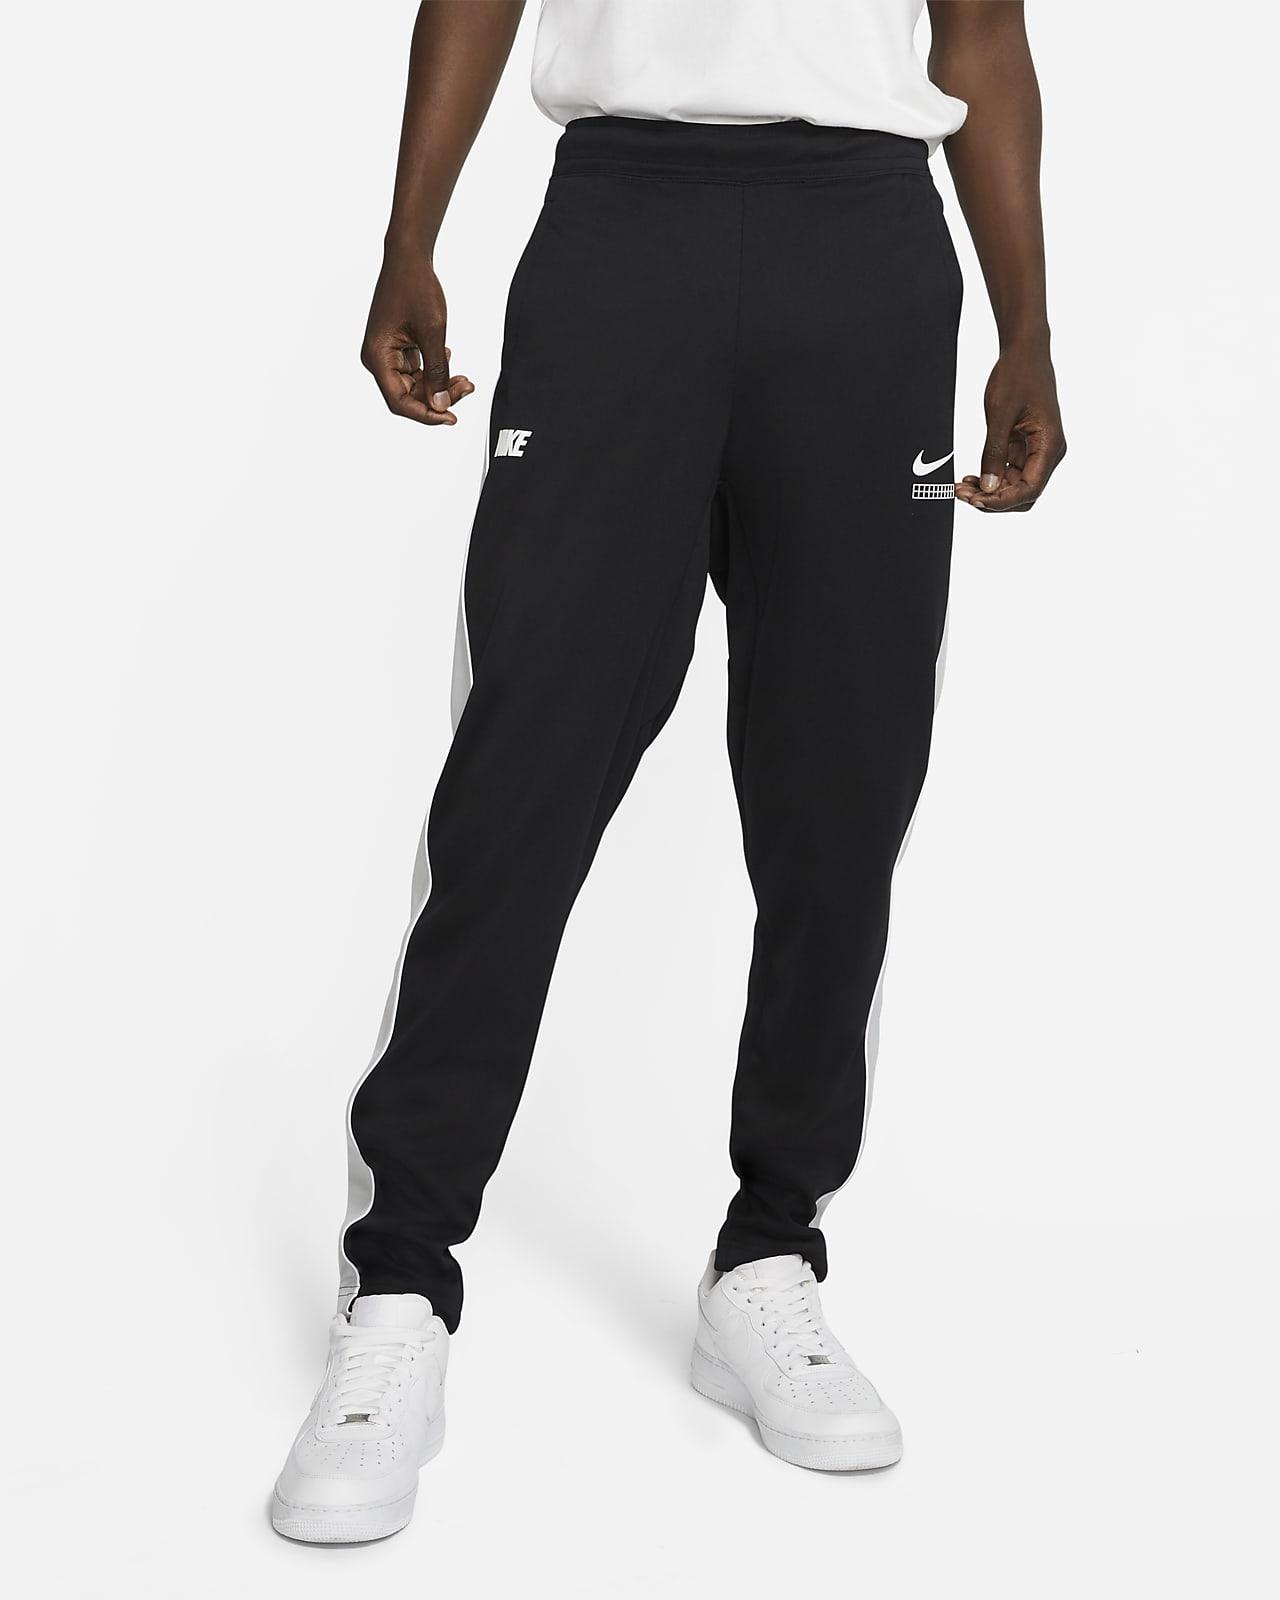 Byxor Nike Sportswear DNA för män